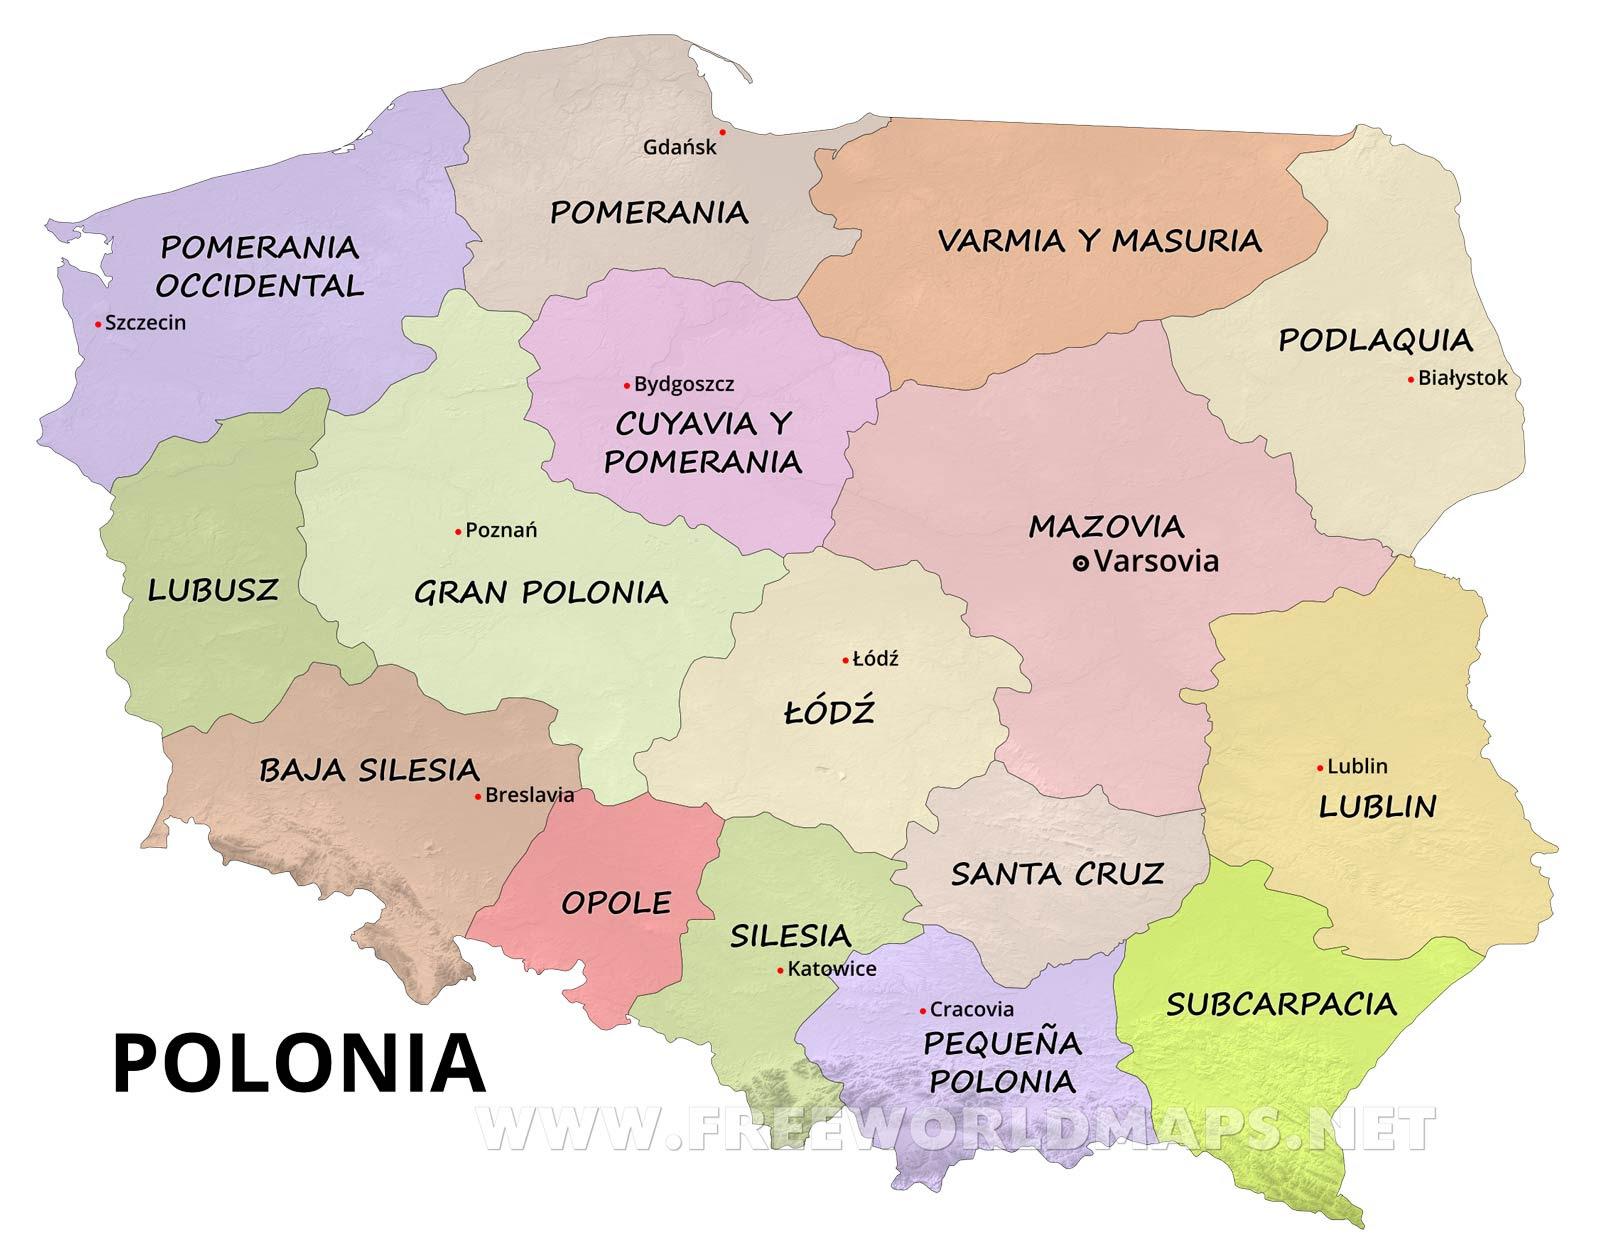 Resultado de imagen de polonia mapa